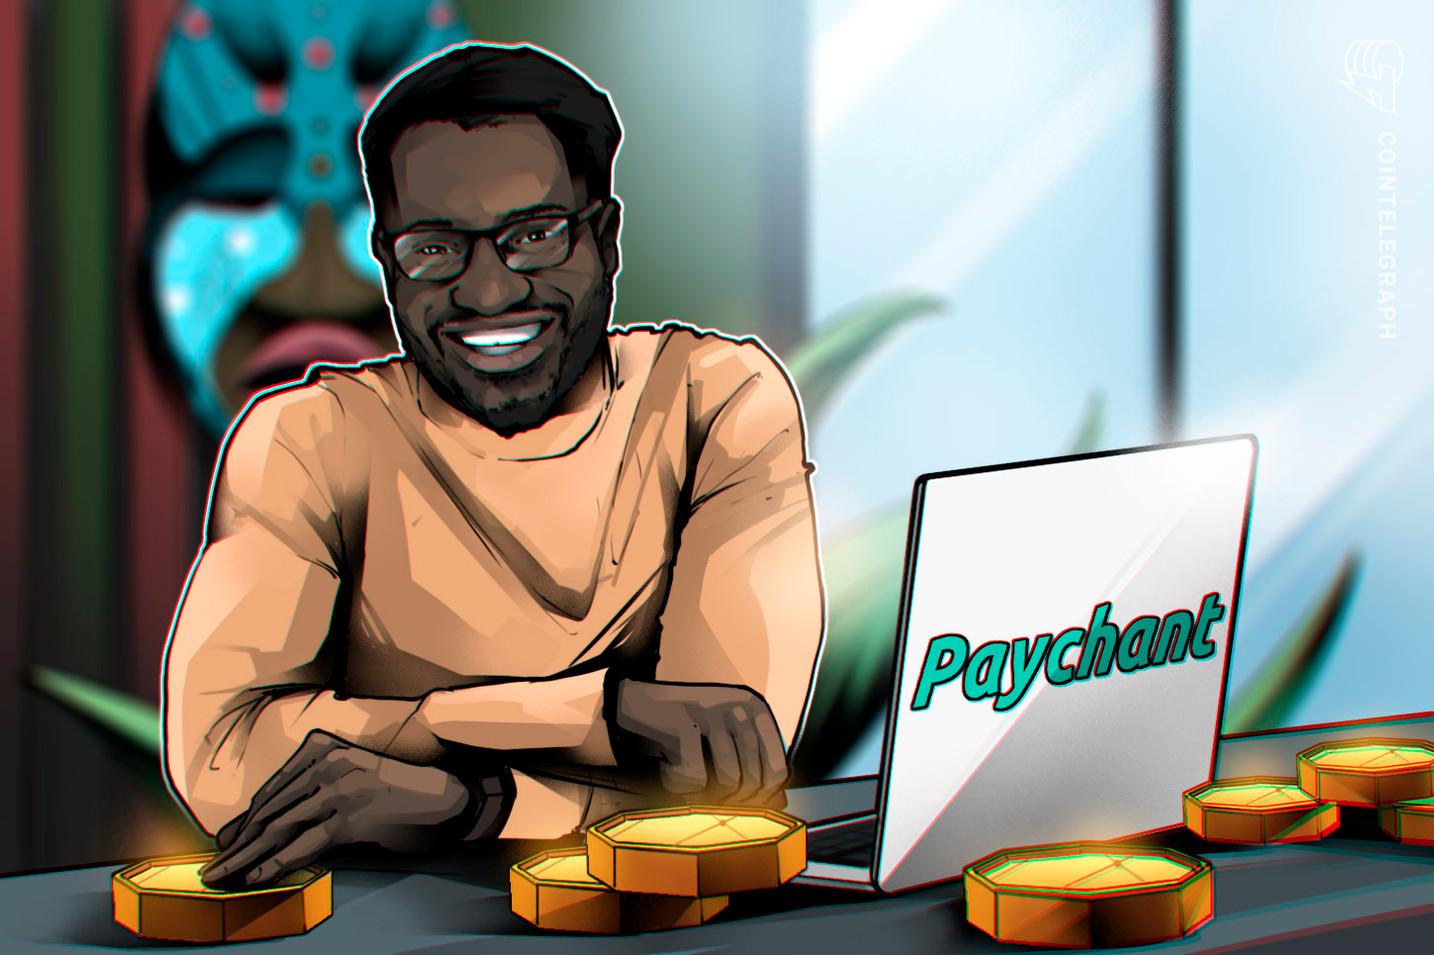 Susipažinkite su kriptografinių mokėjimų vartų paleidimu, kuris siekia tapti Afrikos juostele